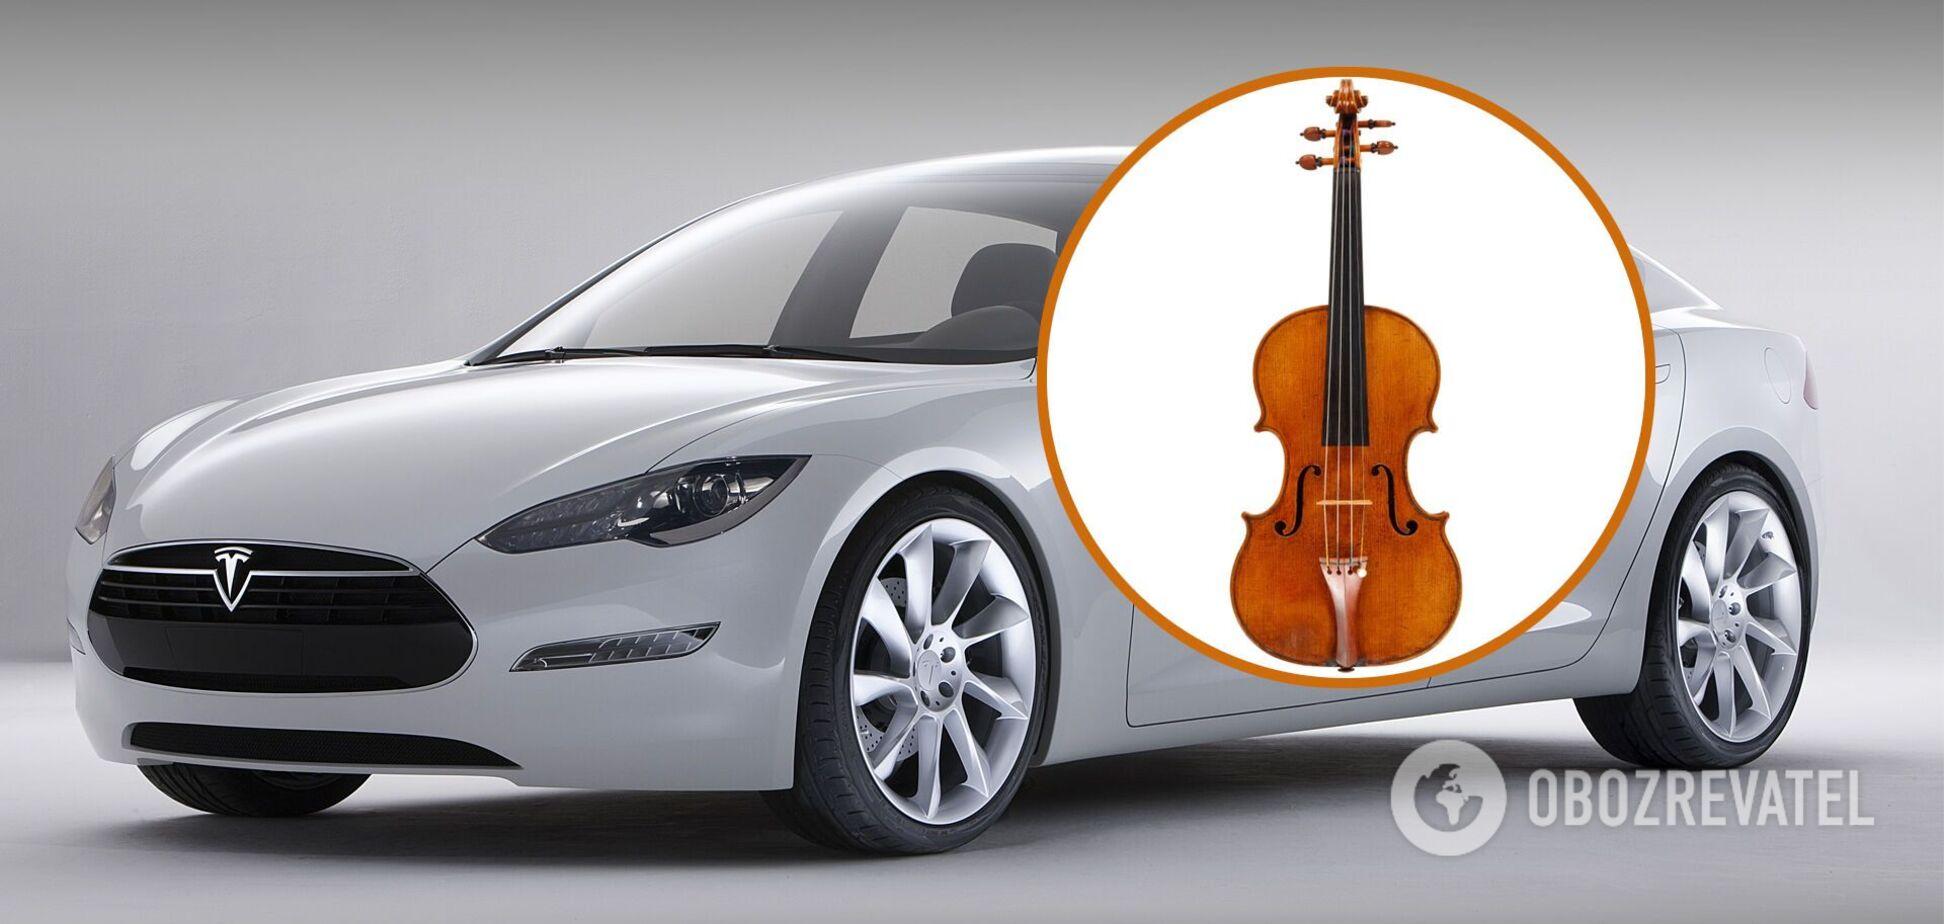 В США похищена Tesla с уникальной скрипкой Амати за $500 тыс.